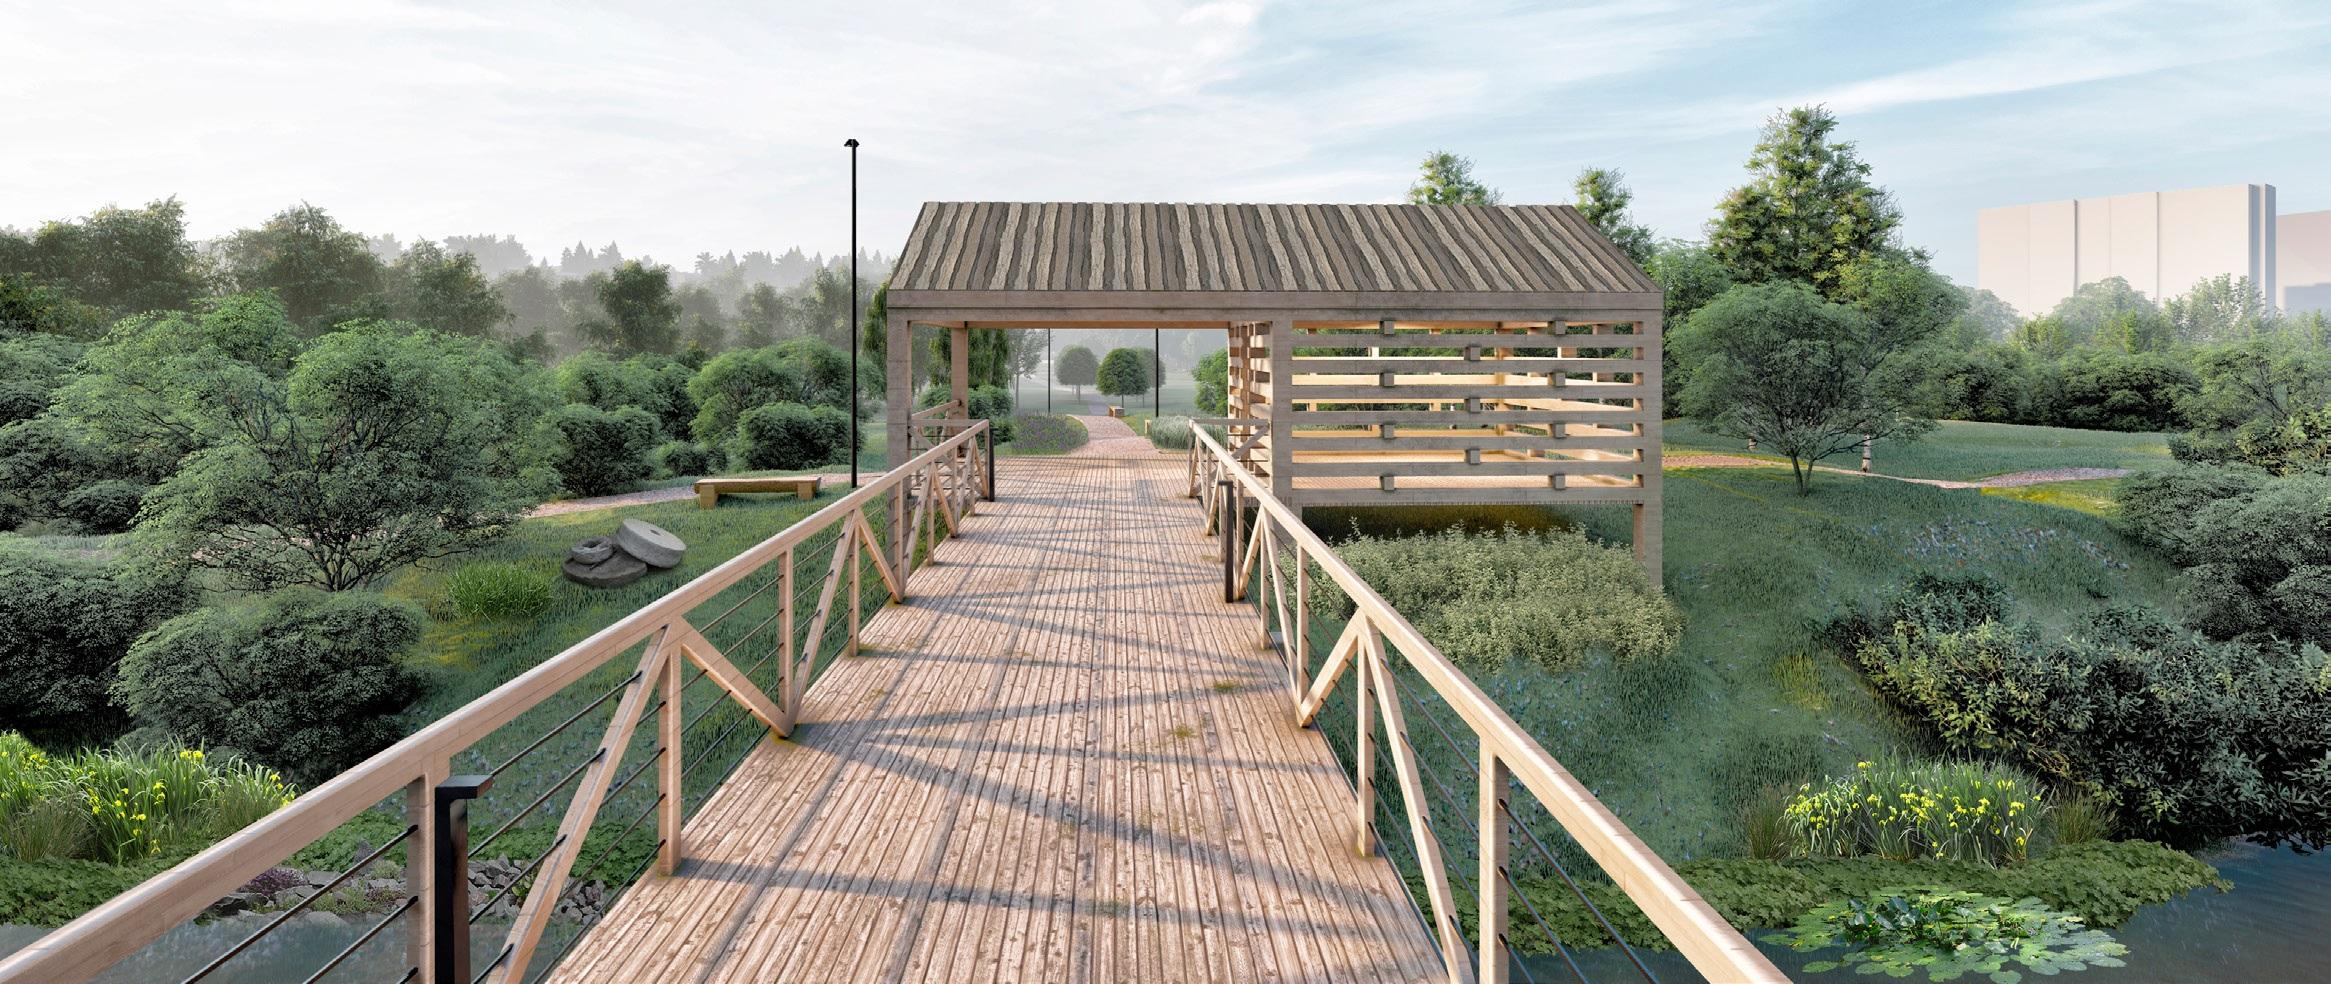 Павильон «Мельница» будет служить защитой от дождя и солнца. В нём же можно будет разместить материалы об истории Каменки, в том числе о водяных мельницах, которые работали здесь больше века назад